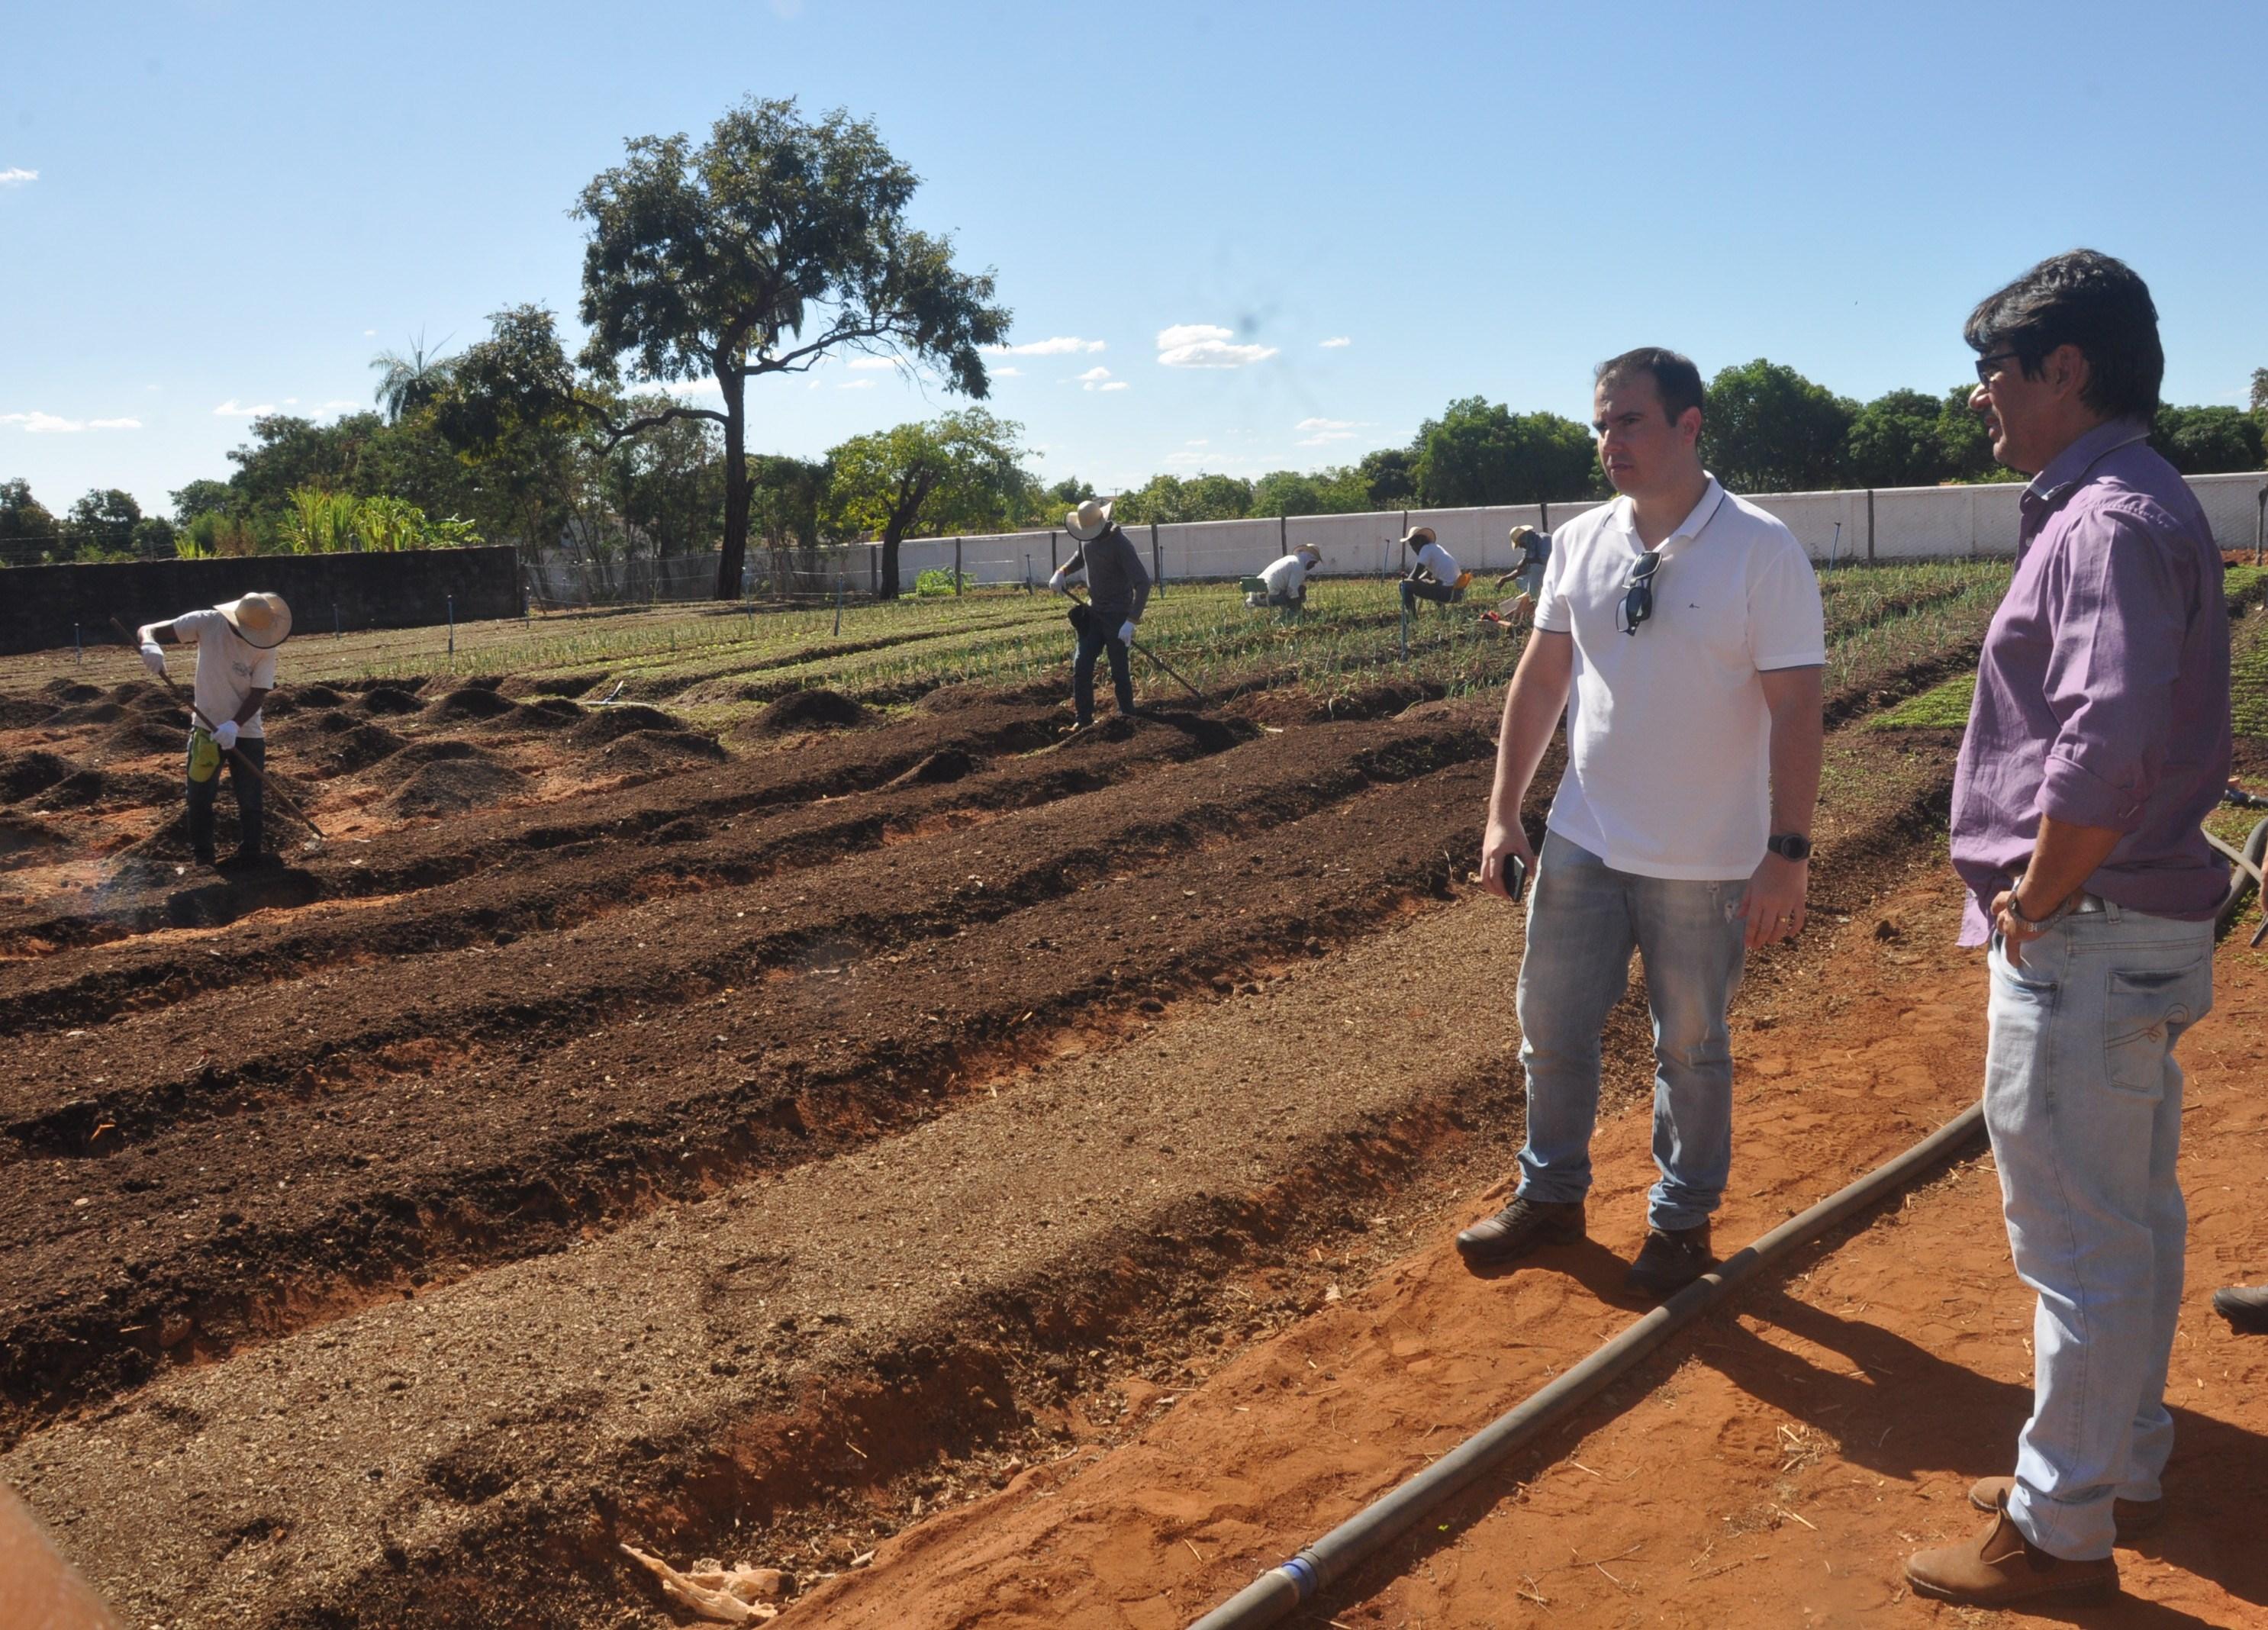 Horta Comunitária projeto da Prefeitura de Porto Nacional é avaliada pelo Sebrae e será inscrita no Prêmio Prefeito Empreendedor 3